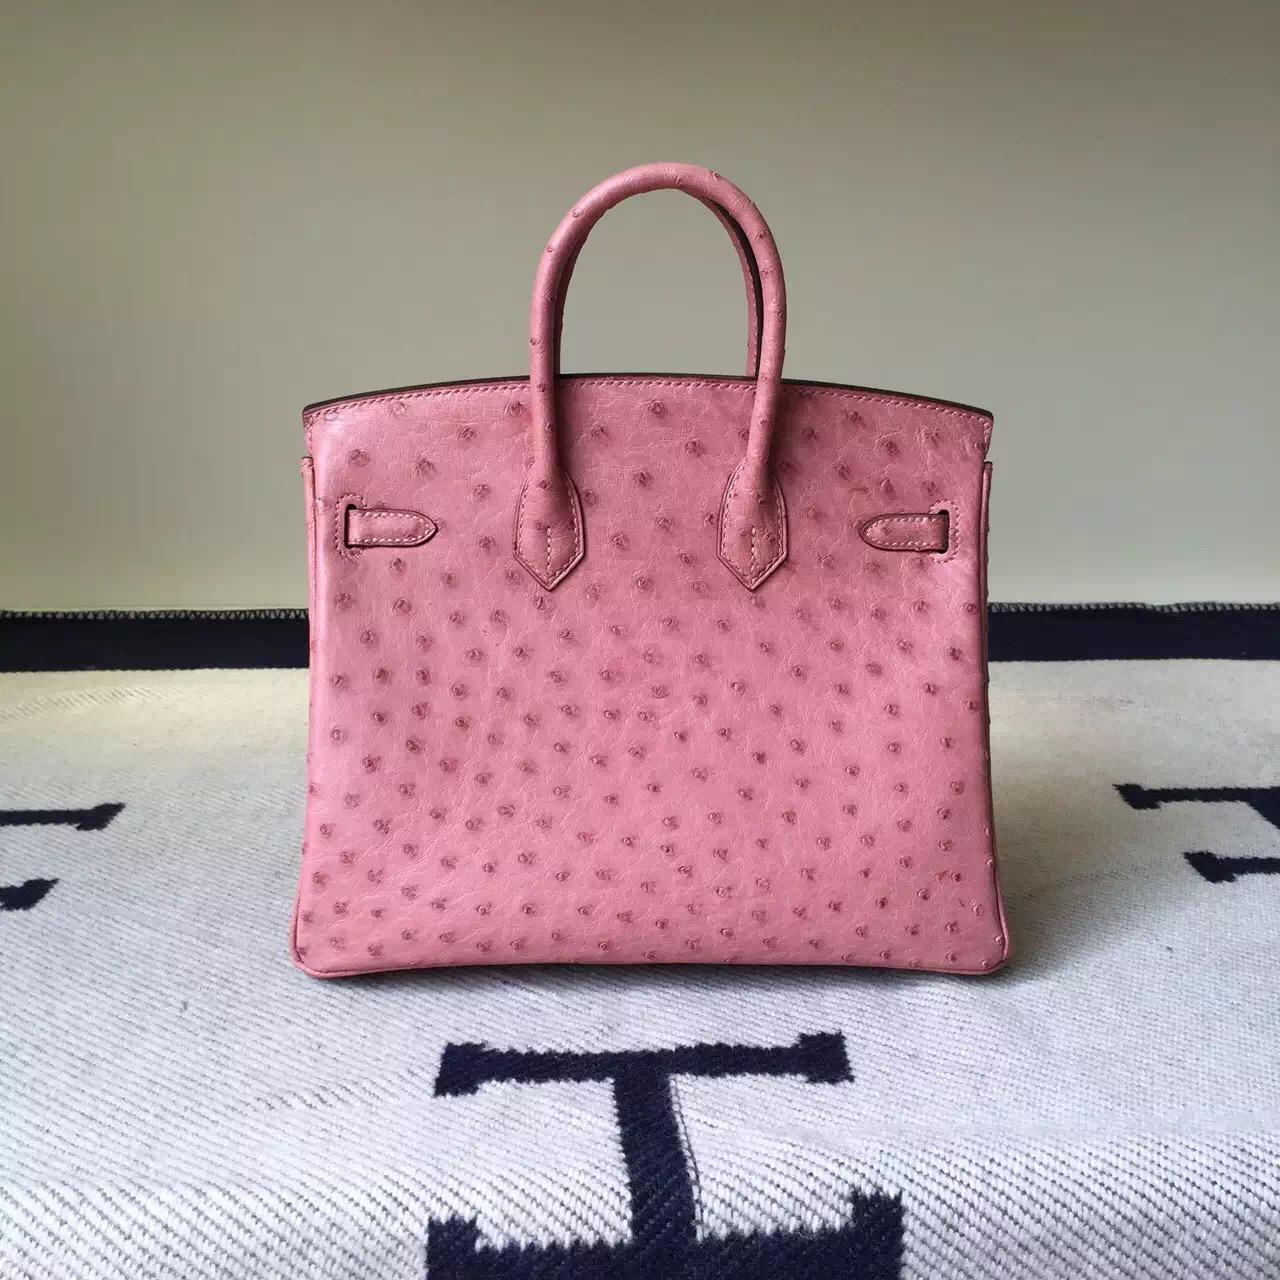 Discount Hermes Ostrich Leather Birkin Bag25cm in CC94 Terre Cuite